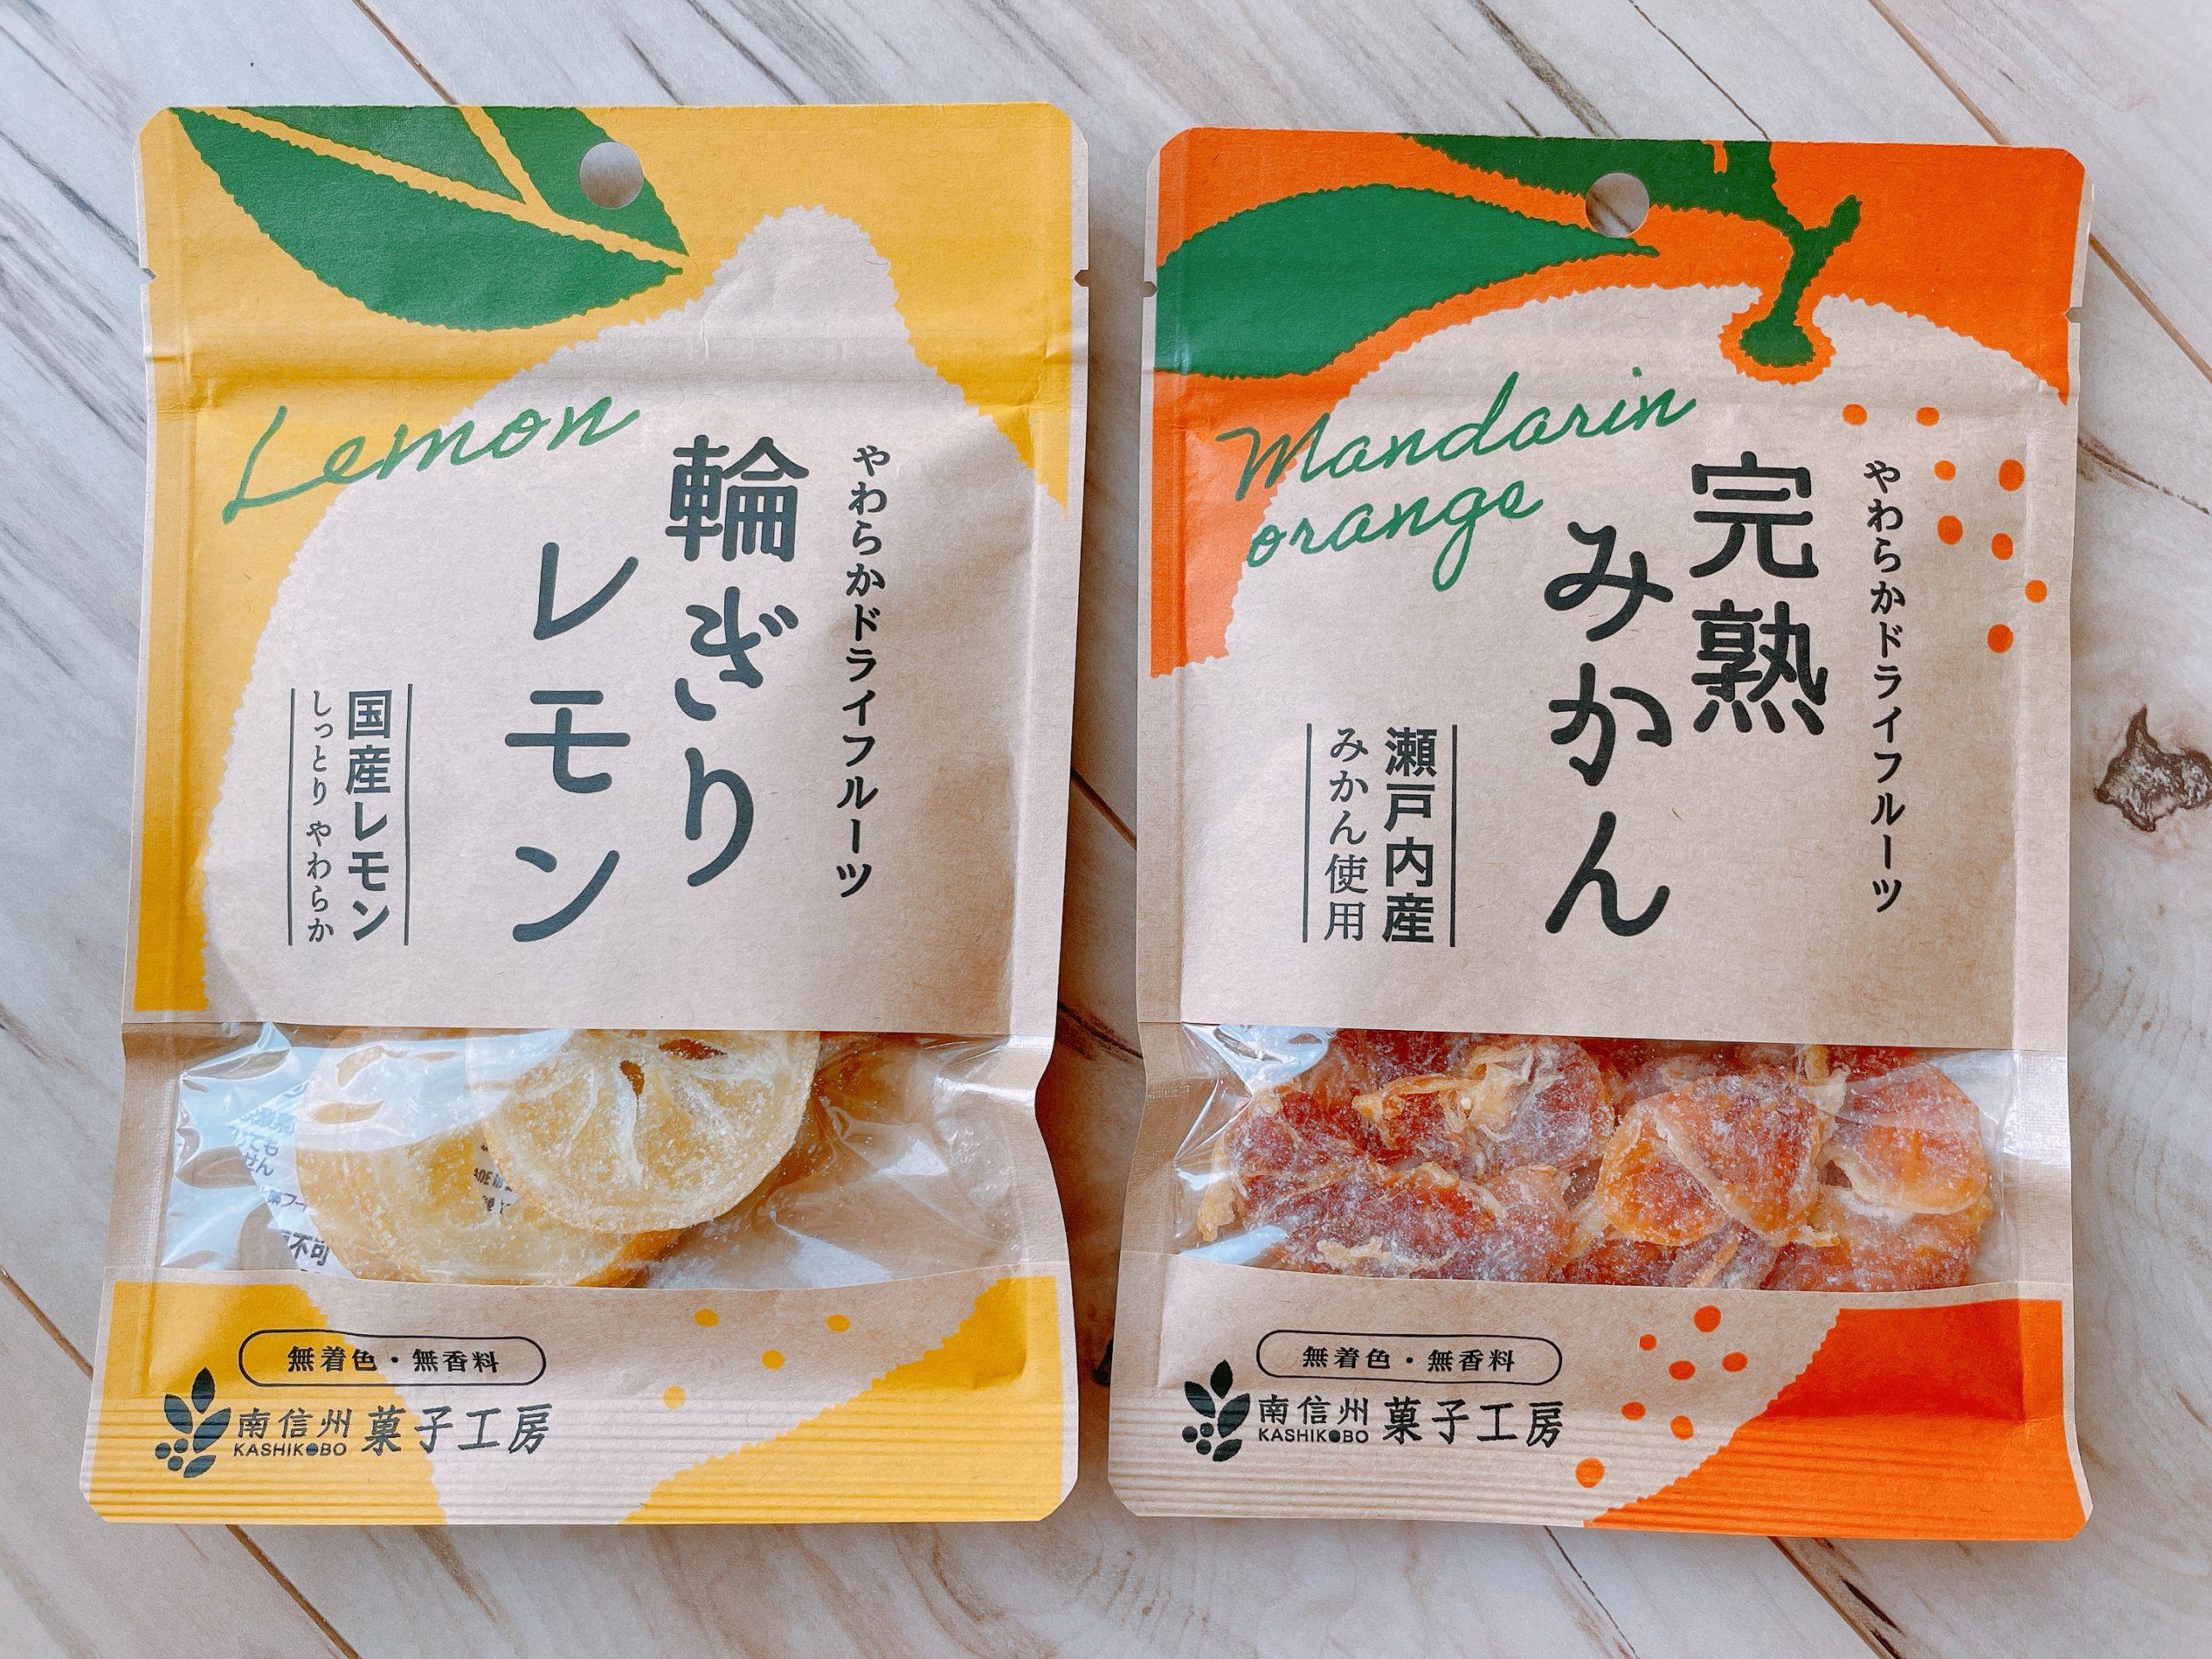 南信州菓子工房の輪切りレモンと完熟みかんのパッケージ